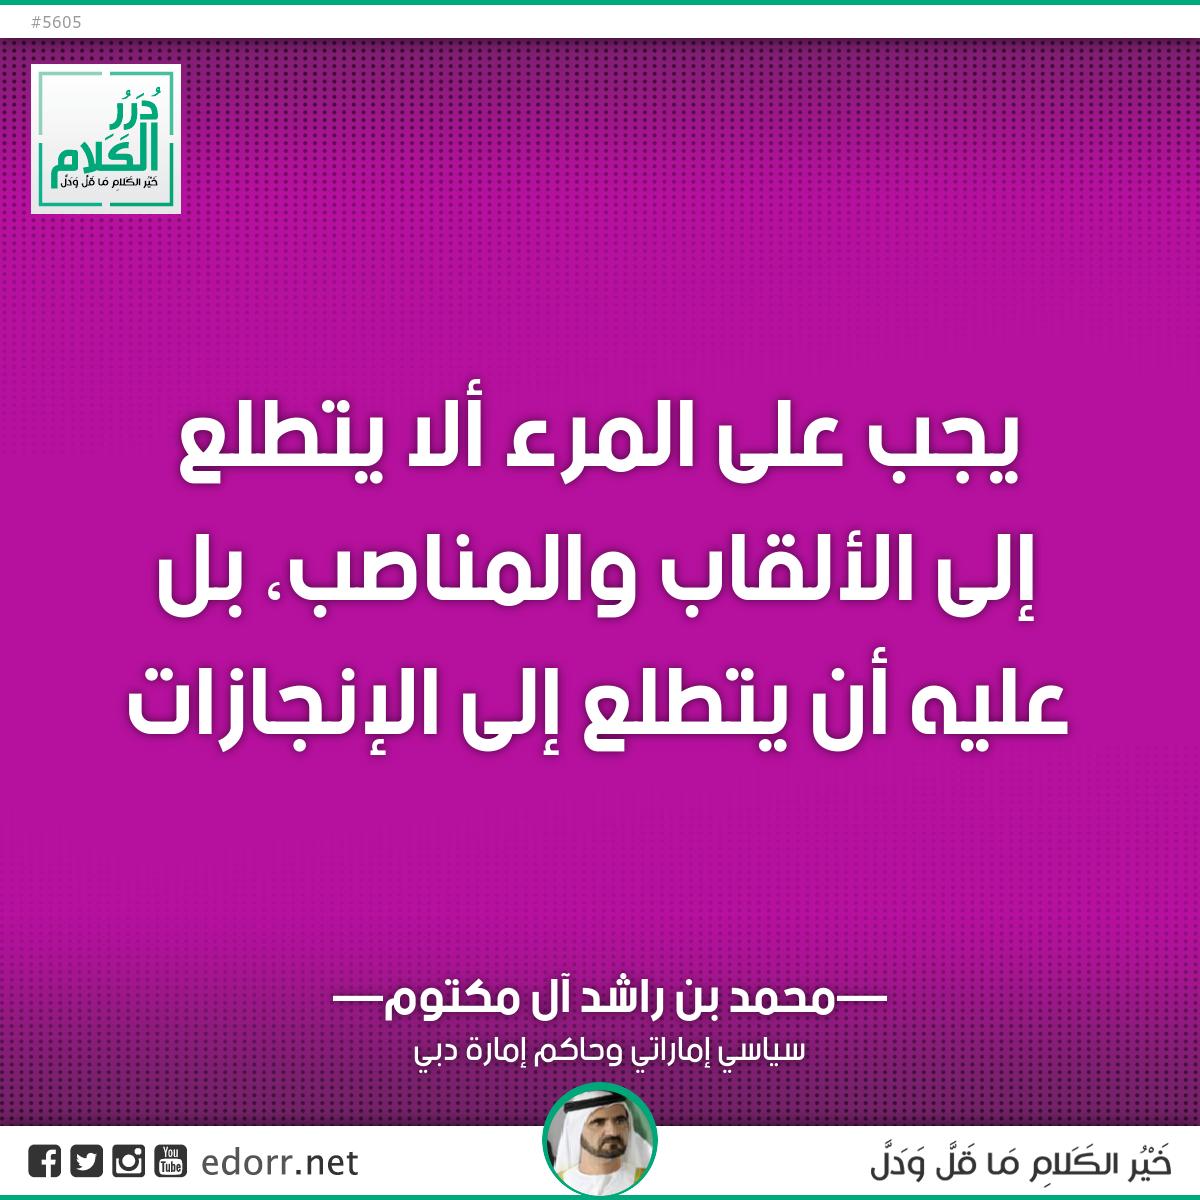 يجب على المرء ألا يتطلع إلى الألقاب والمناصب، بل عليه أن يتطلع إلى الإنجازات.